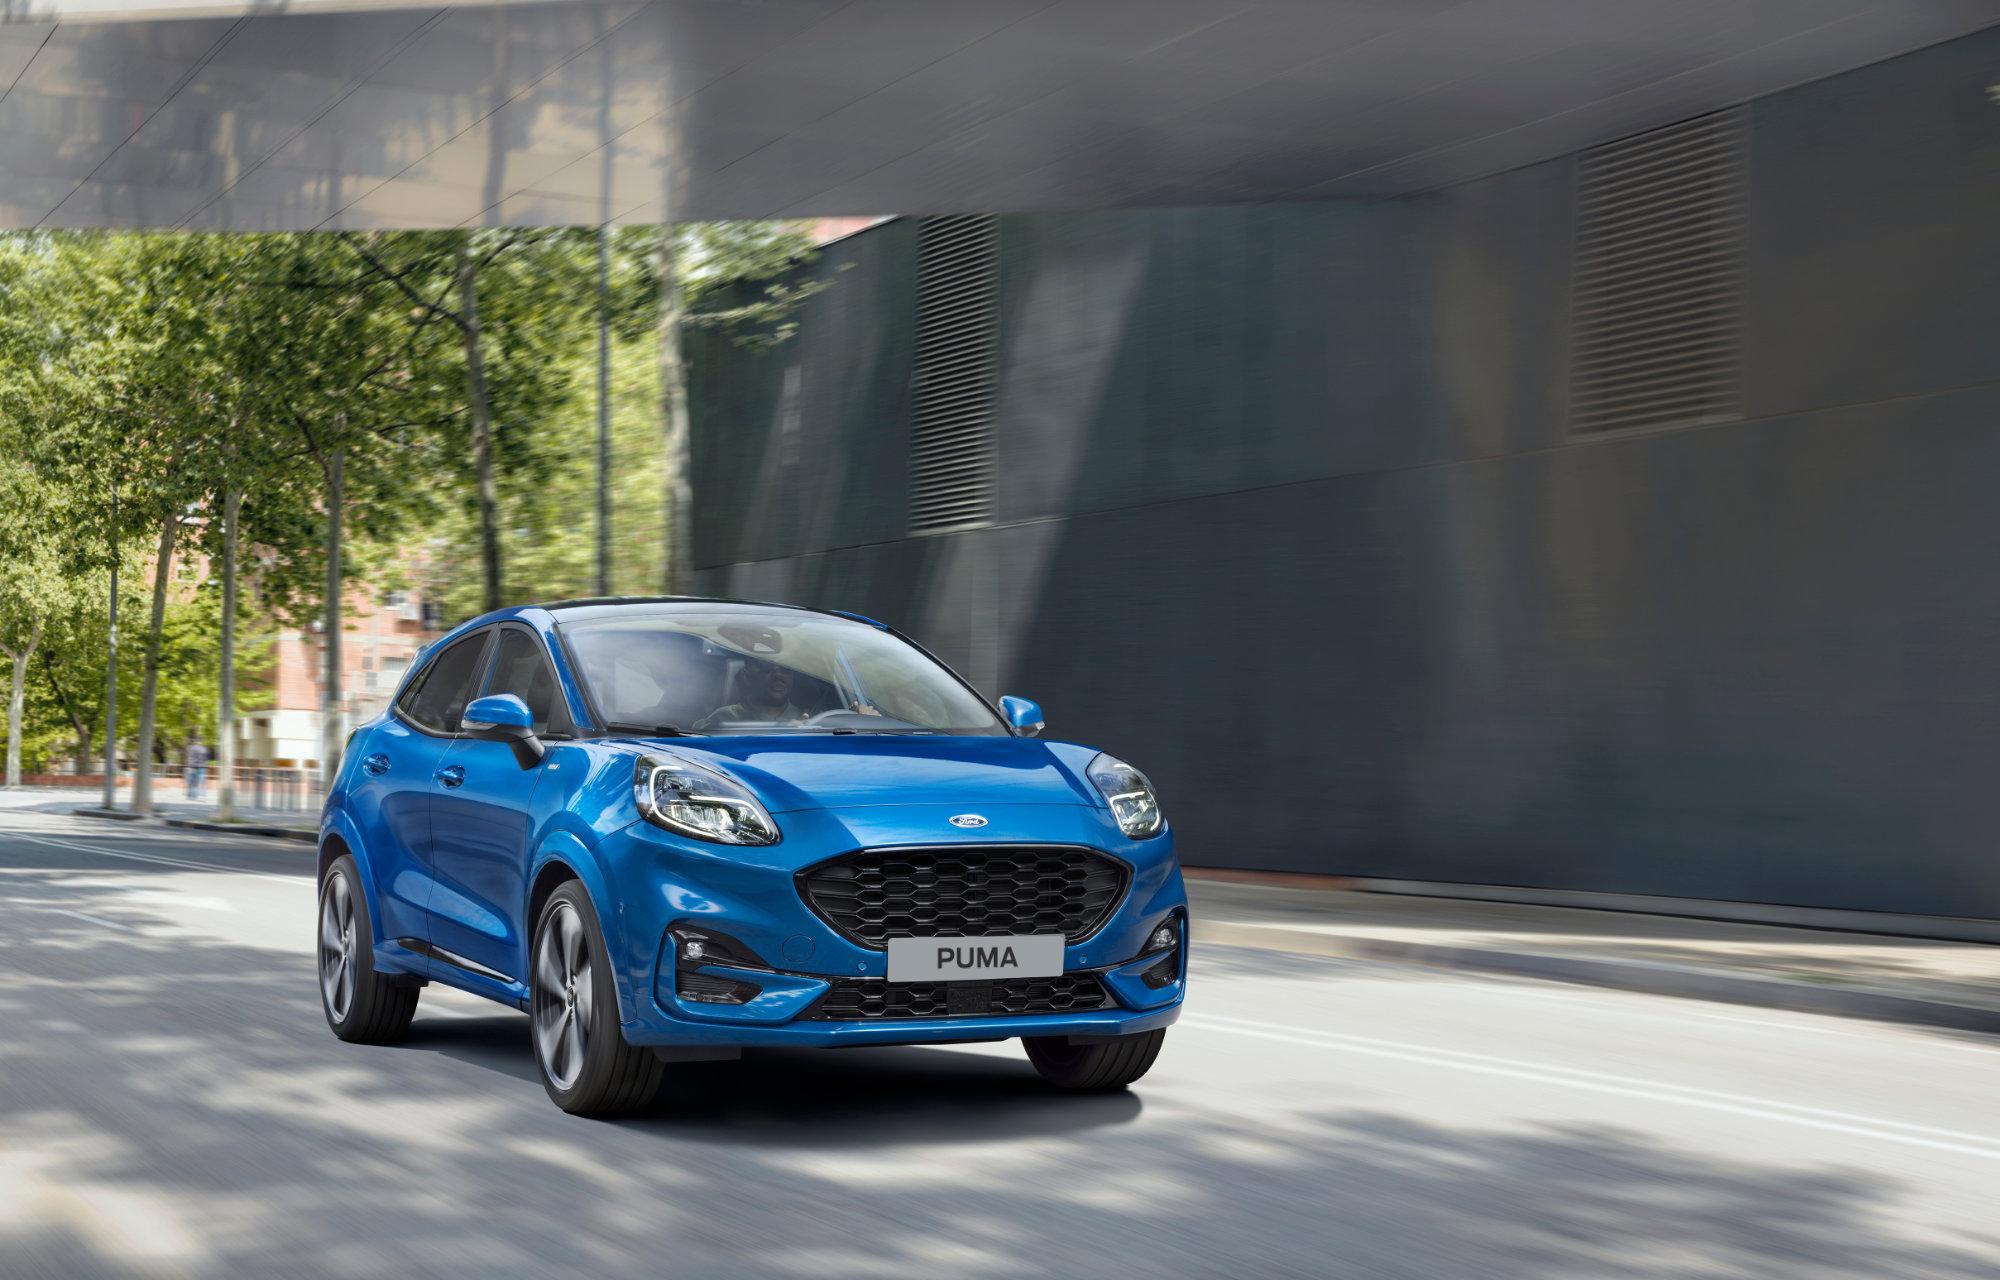 Nye Ford Puma kan «se rundt svinger» og advare om farer